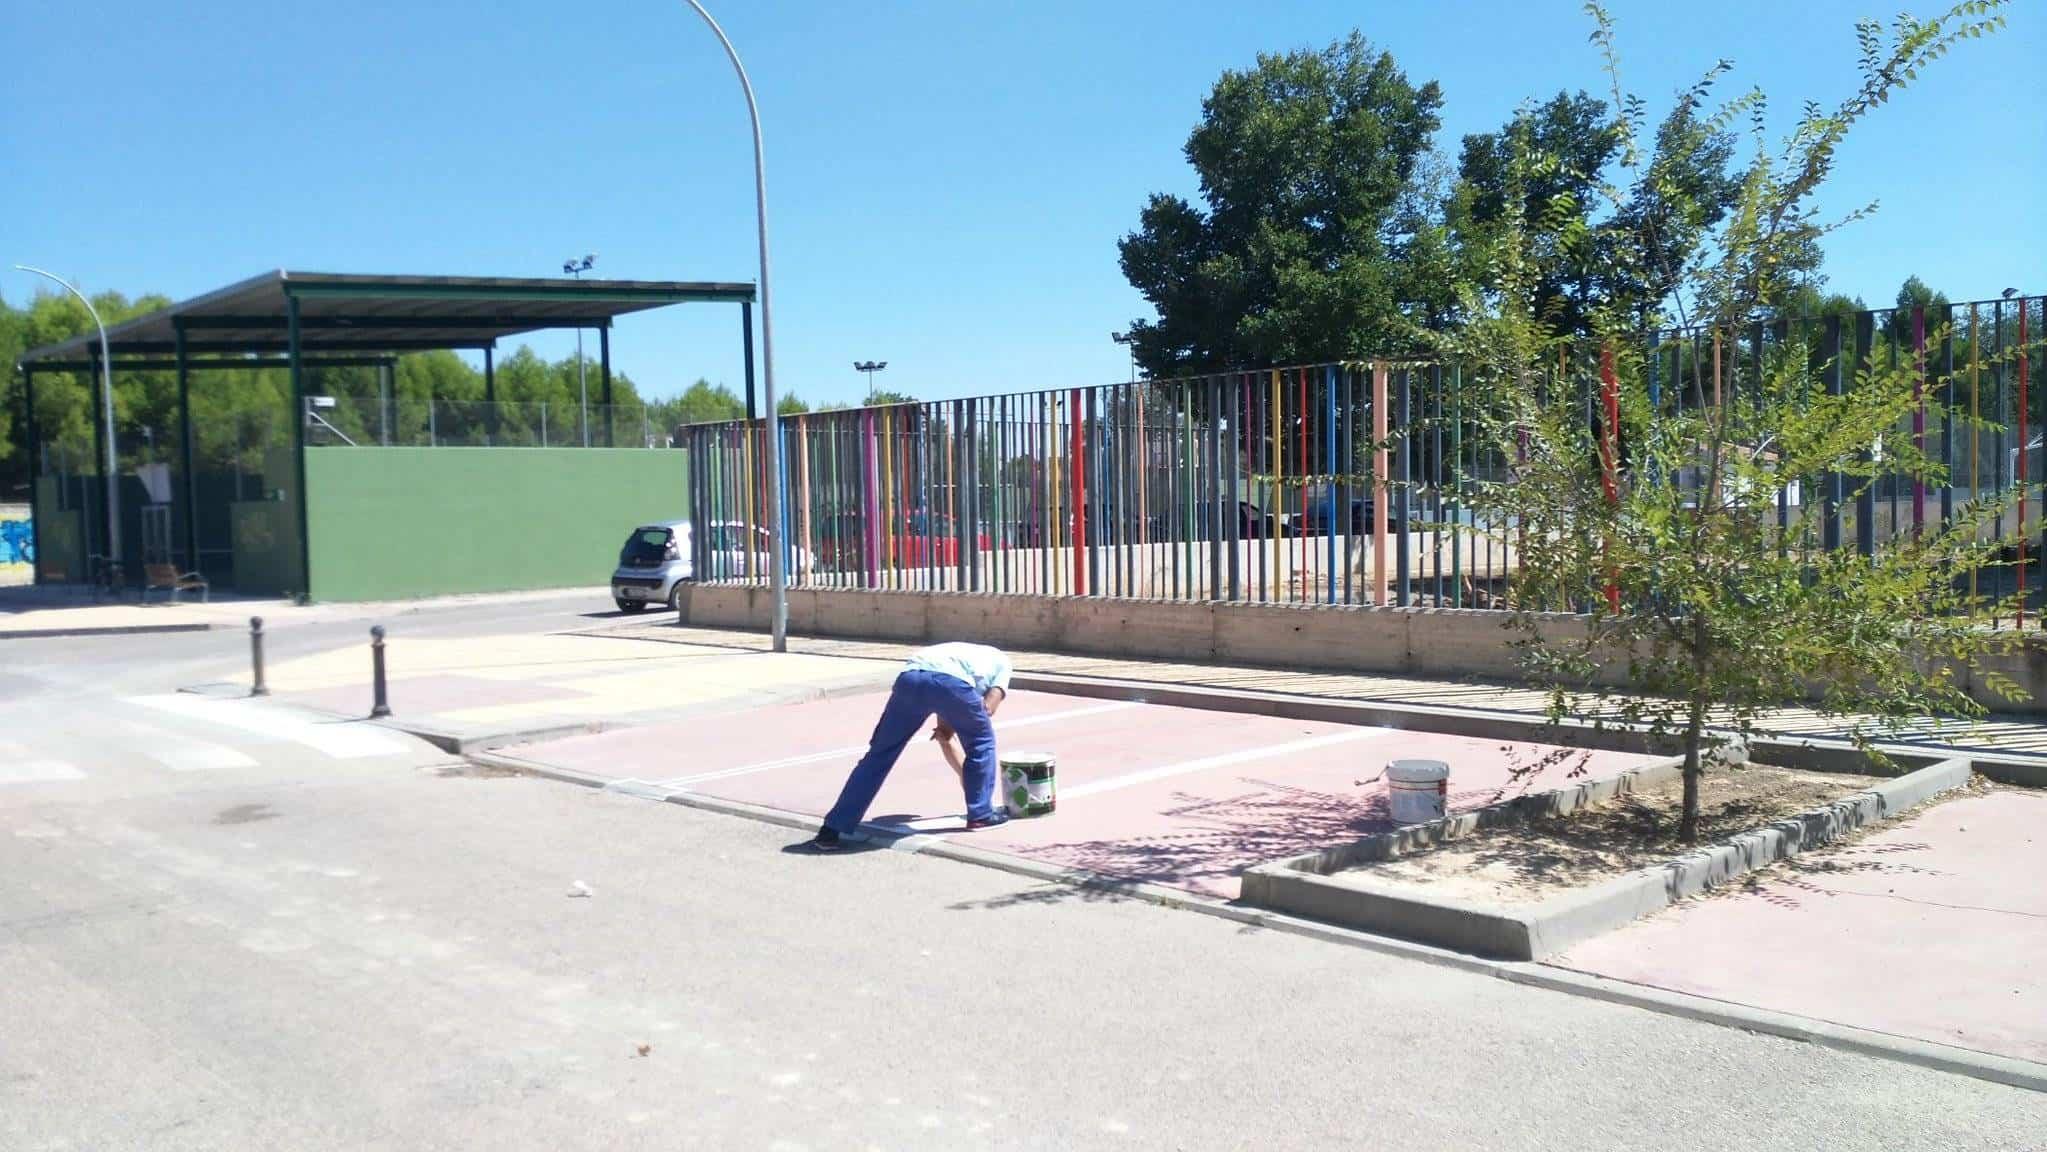 lineas parking zona deportes herencia - Un poco de orden en el parking del colegio y zona deportiva